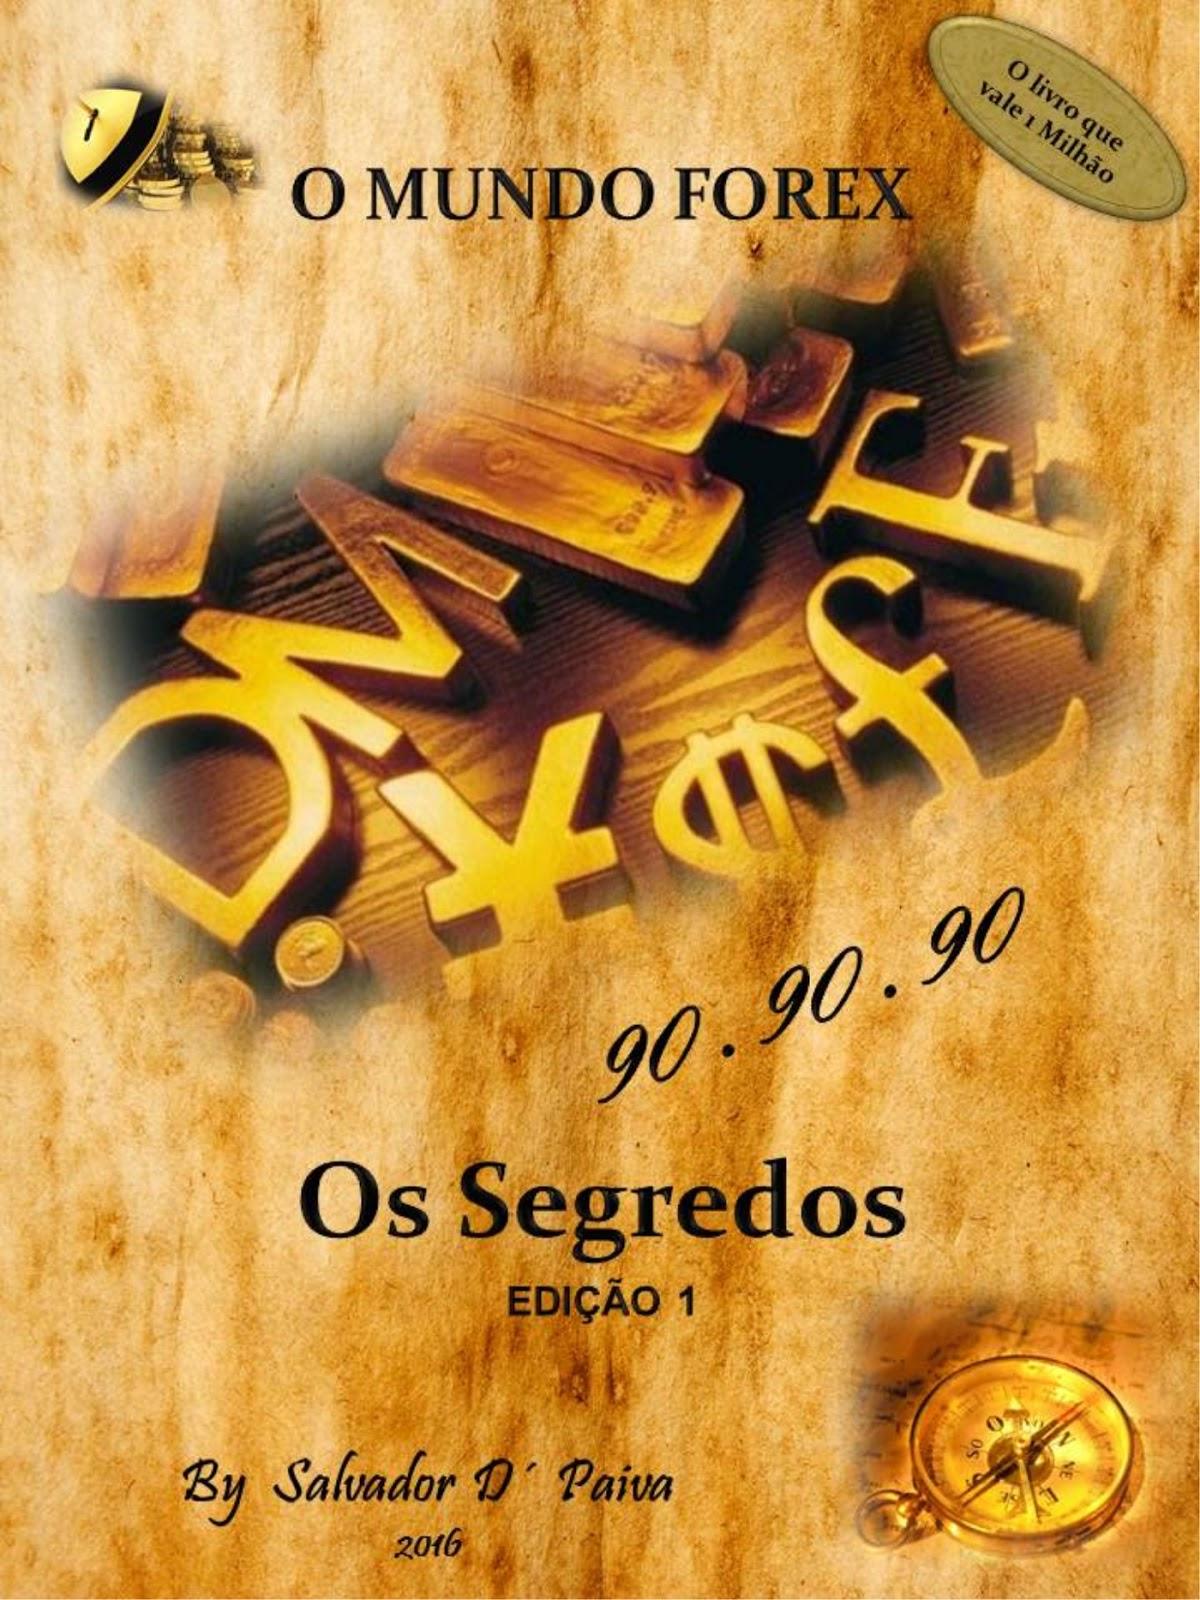 Mercado forex no brasil